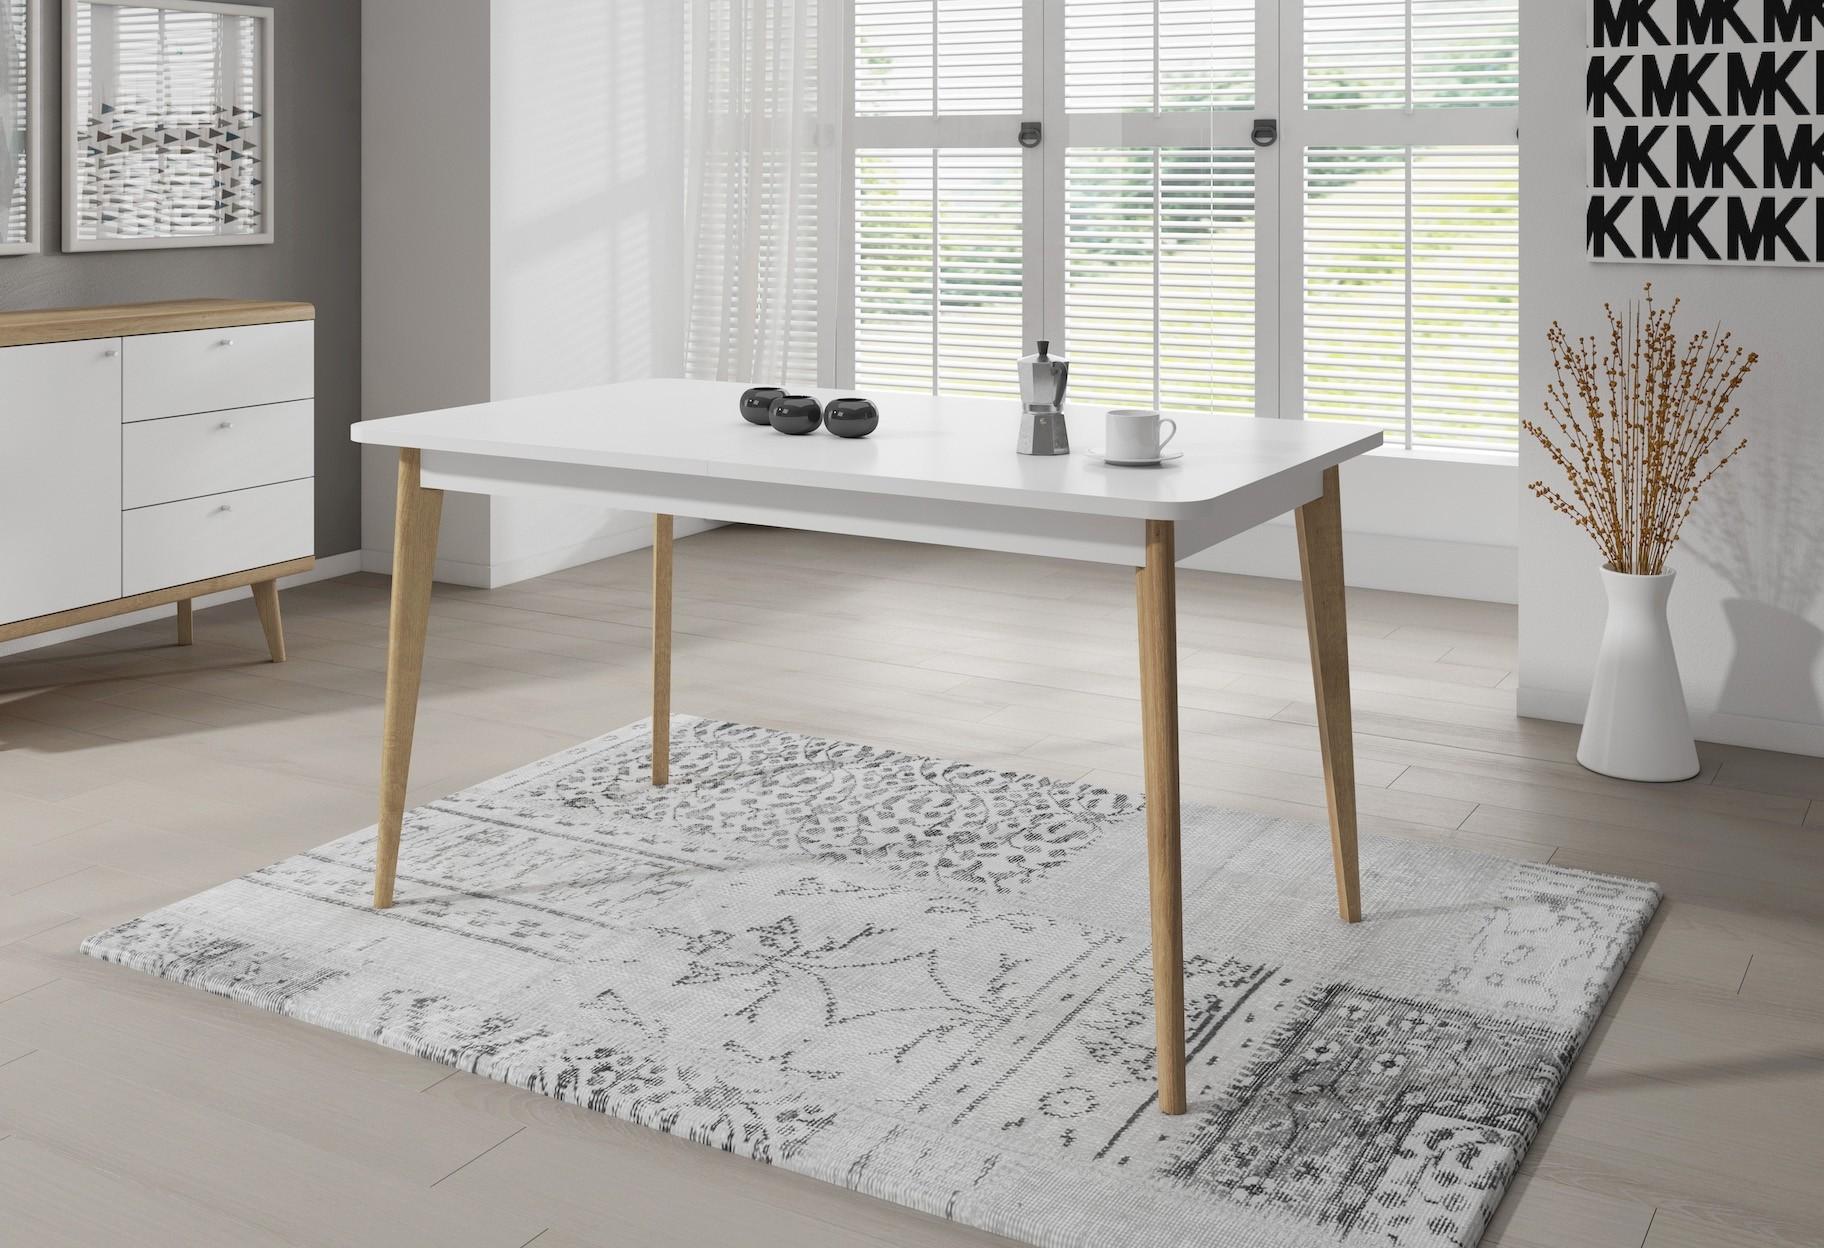 Eetkamertafel Uitschuifbaar Wit : Eettafel model continental uitschuifbaar